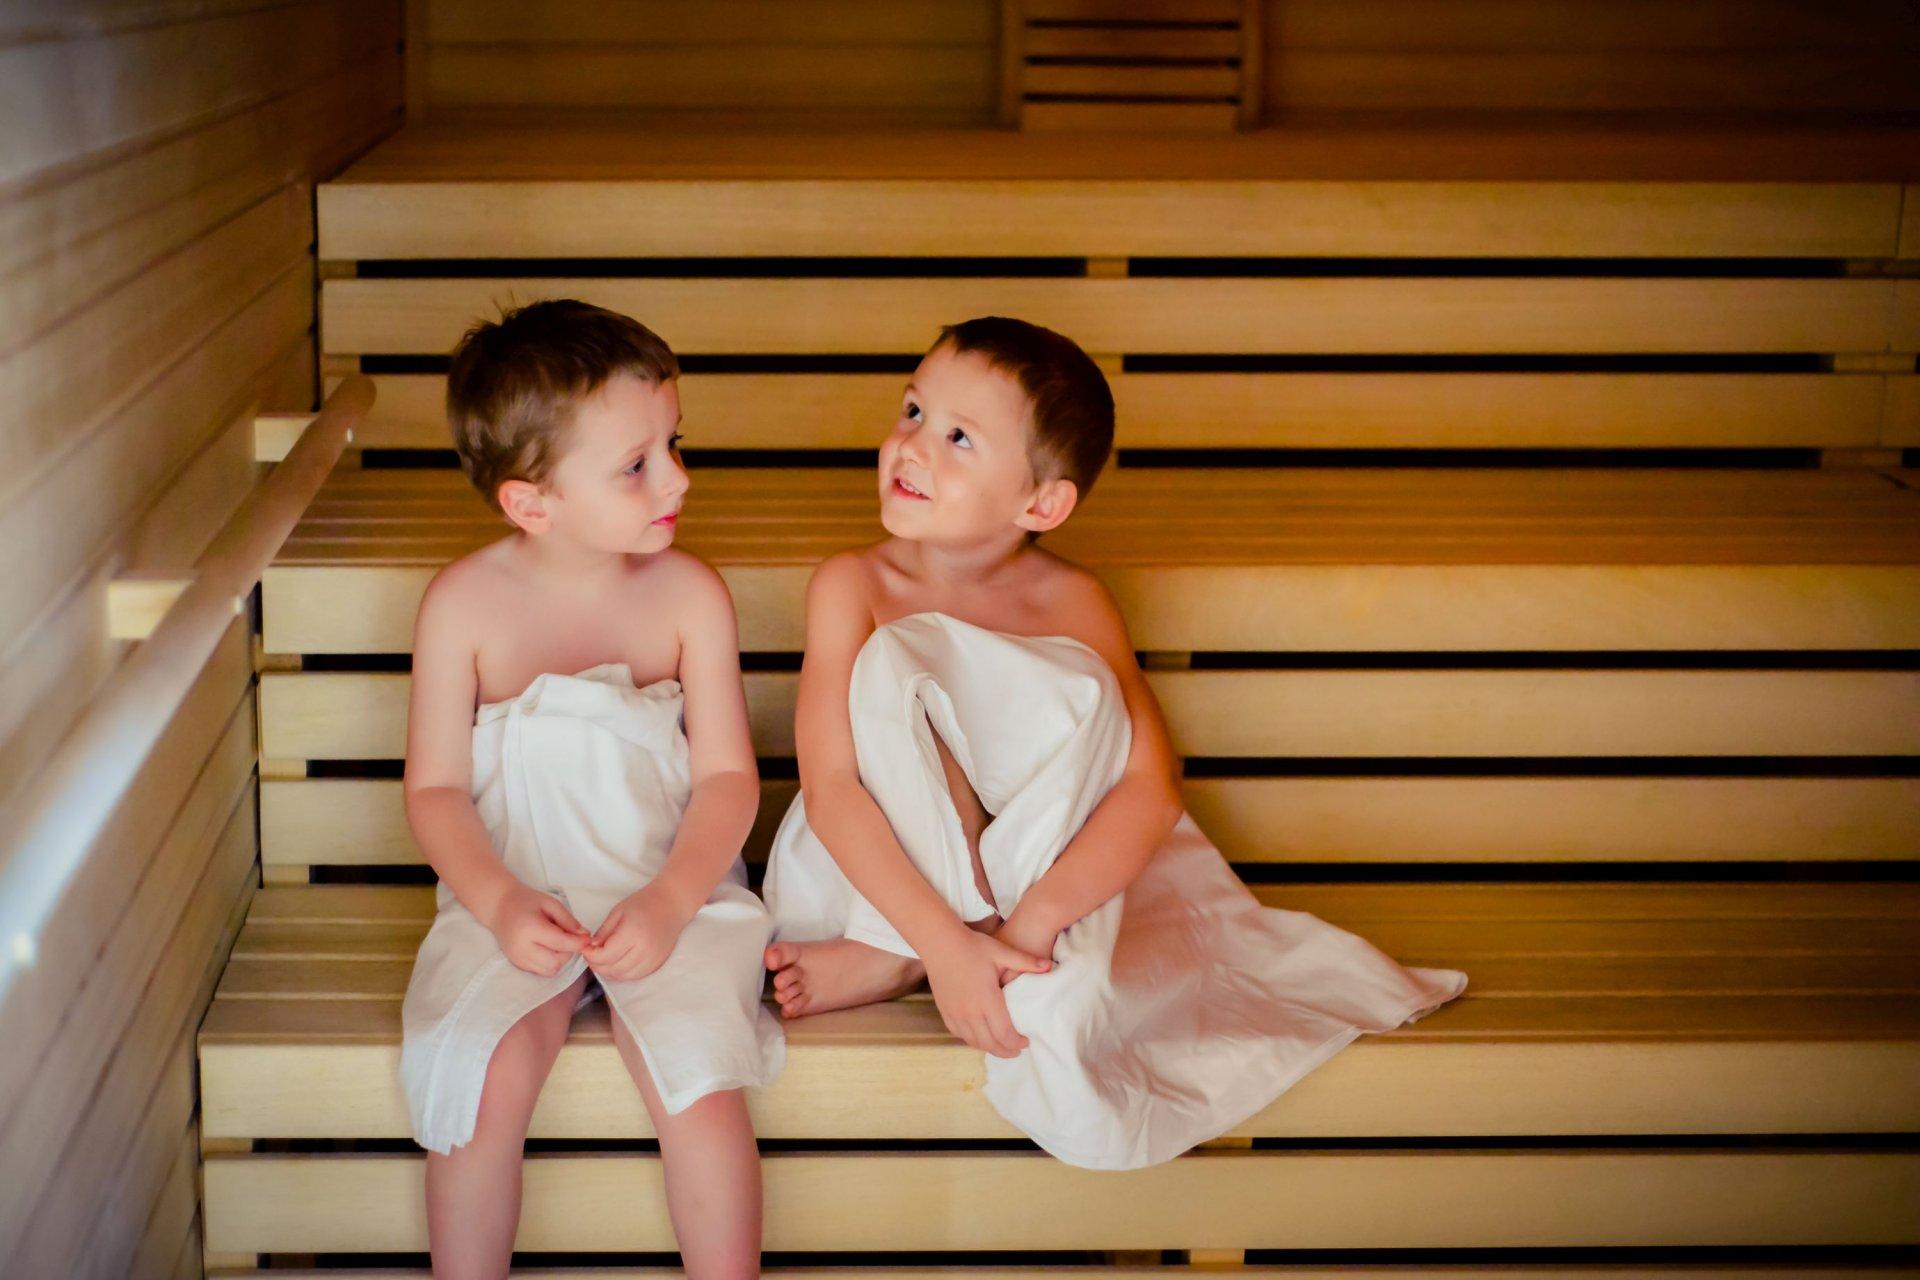 Смотреть онлайн с мамой в бане, В бане с мамой - 62 видео. Смотреть в бане с мамой 10 фотография